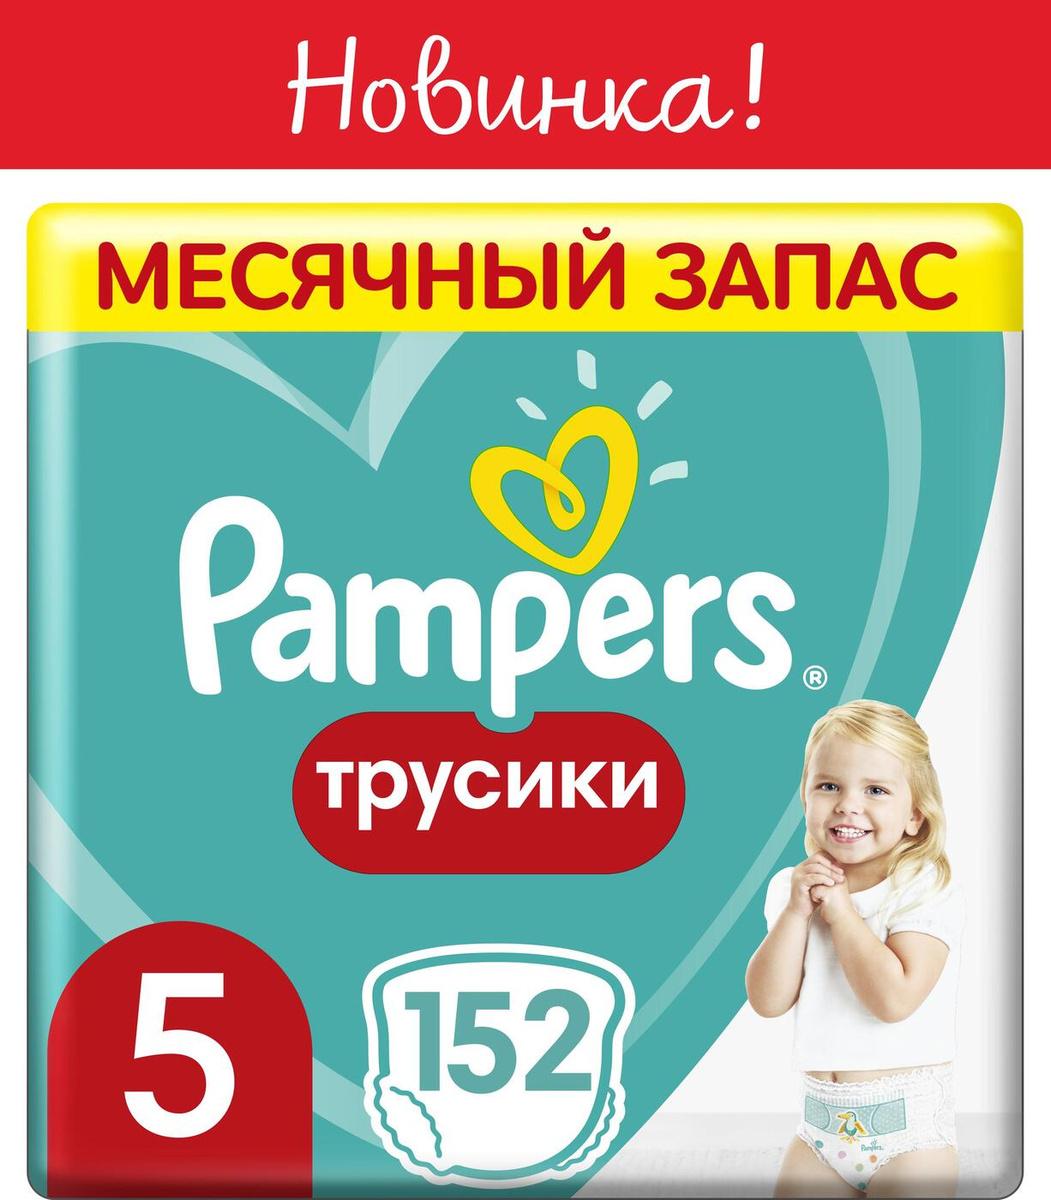 Pampers Трусики Pants 12-17 кг (размер 5) 152 шт #1